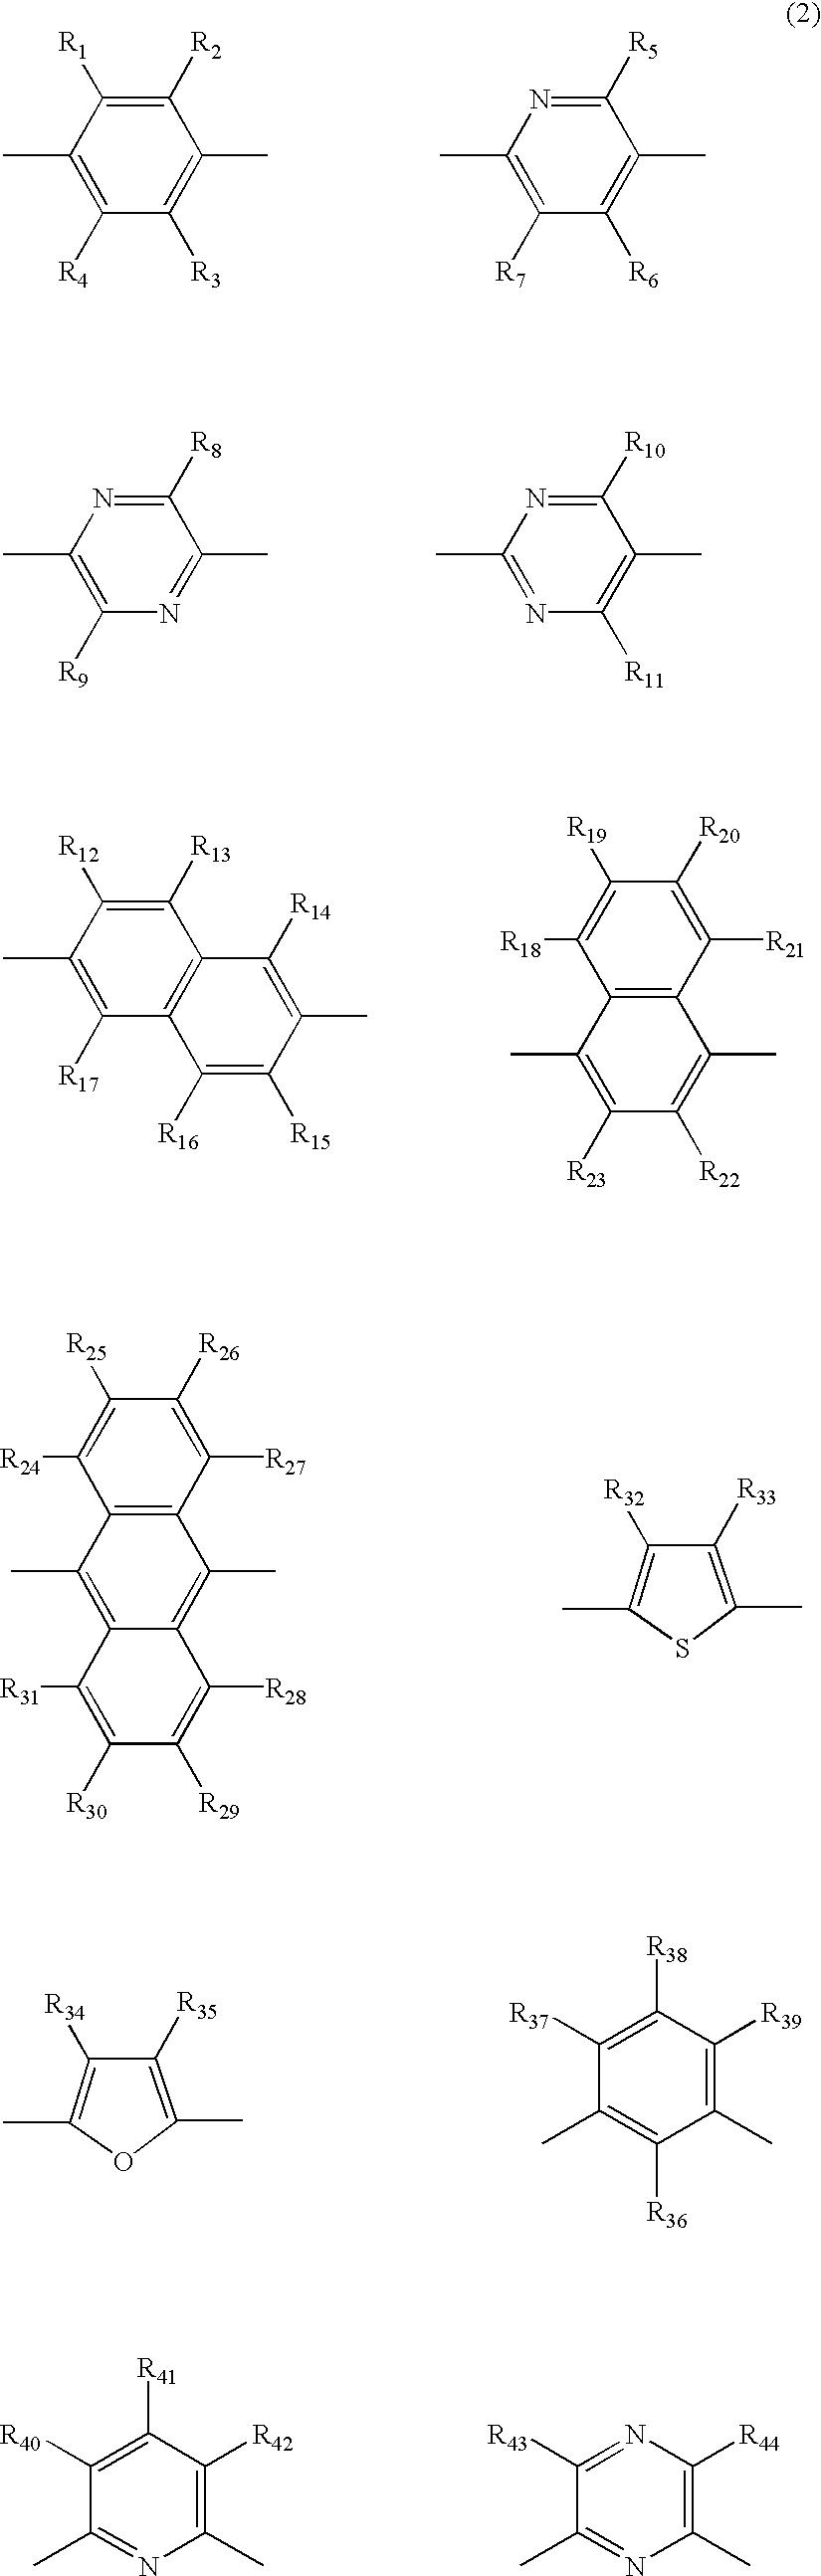 Figure US20030116719A1-20030626-C00001